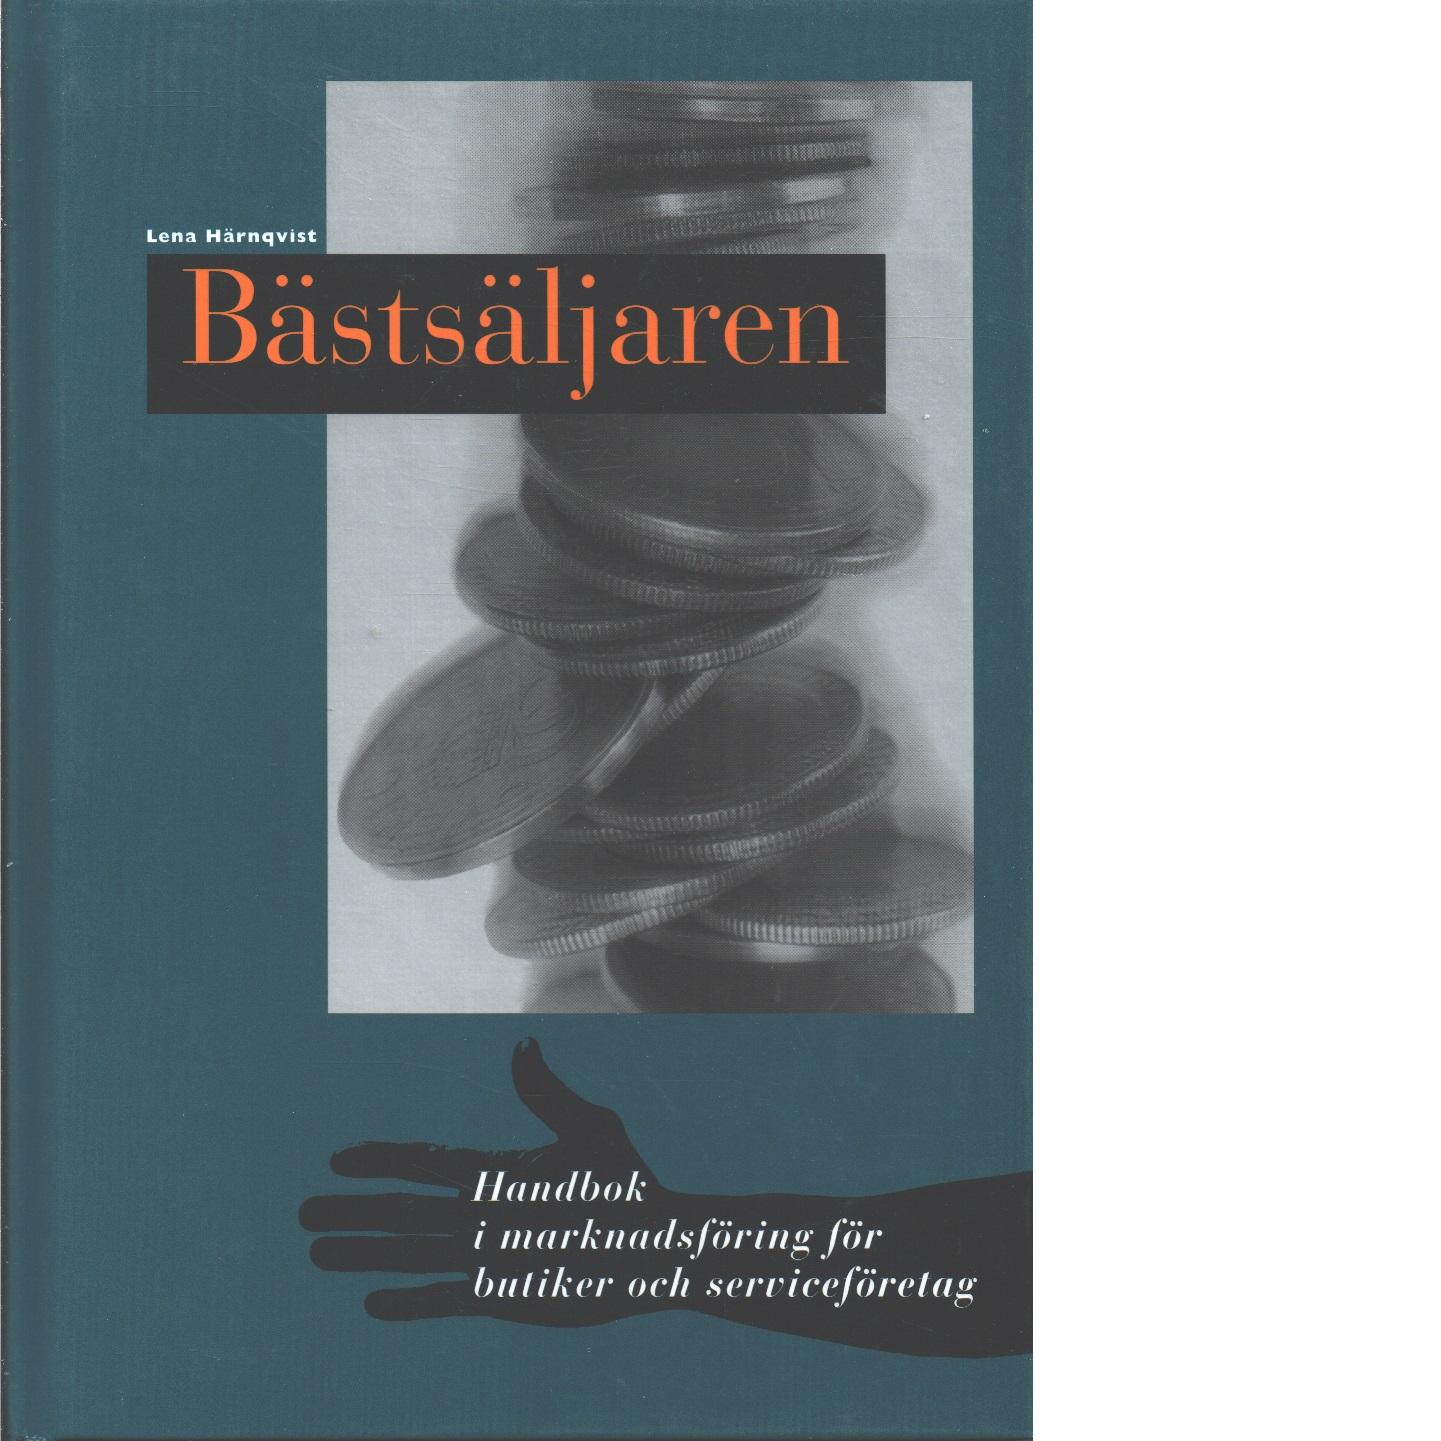 Bästsäljaren  : annonshandbok för lokal marknadsföring - Härnqvist, Lena